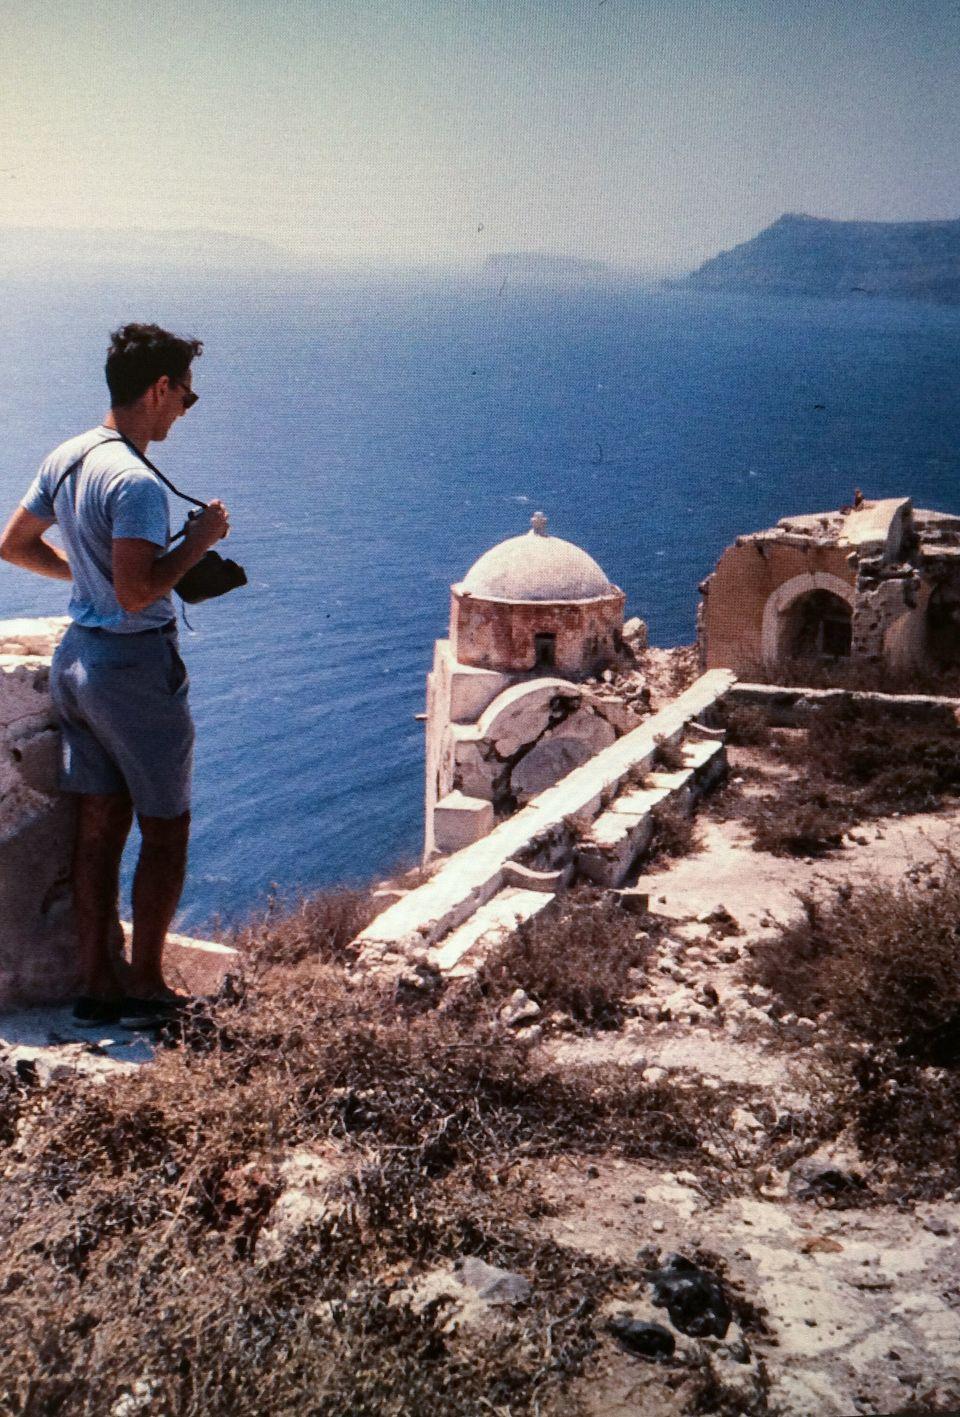 Ρόμπερτ Μακέιμπ: Η φιλοξενία και οι θάλασσες της Ελλάδας παραμένουν ίδιες στον χρόνο